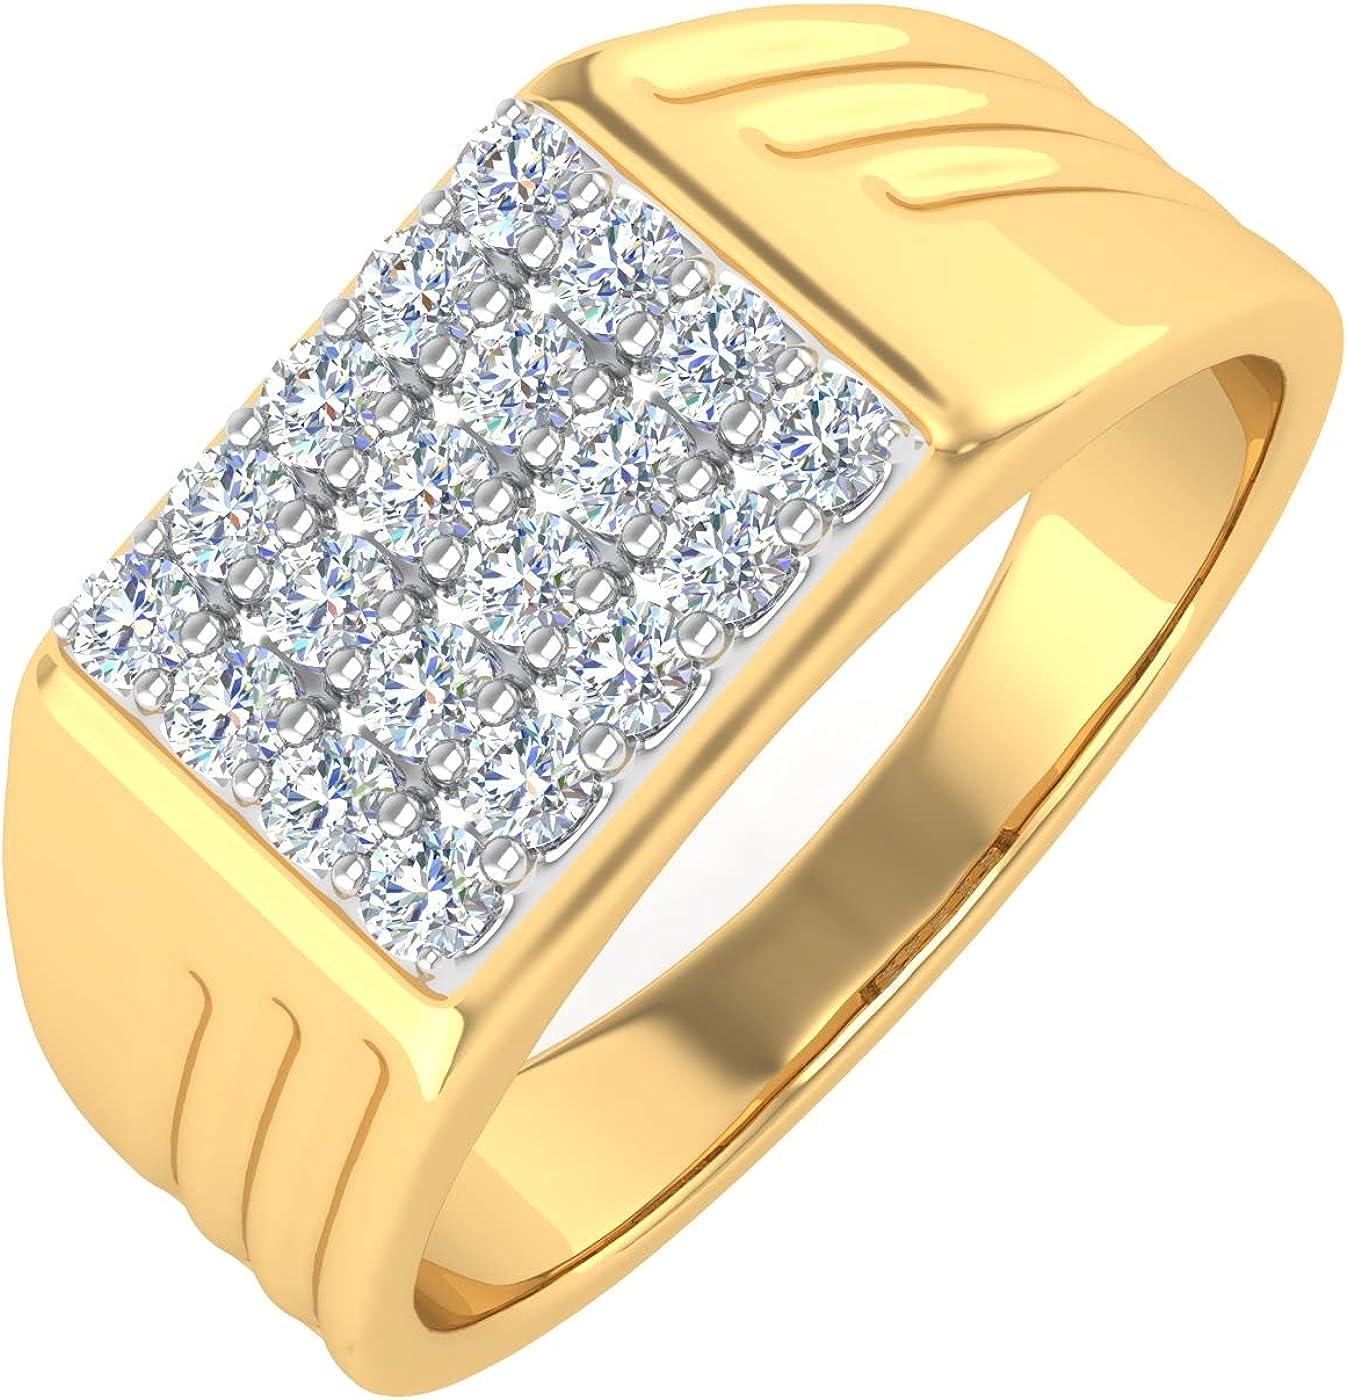 1/2 Carat Men's Diamond Wedding Band Ring in 14K Gold